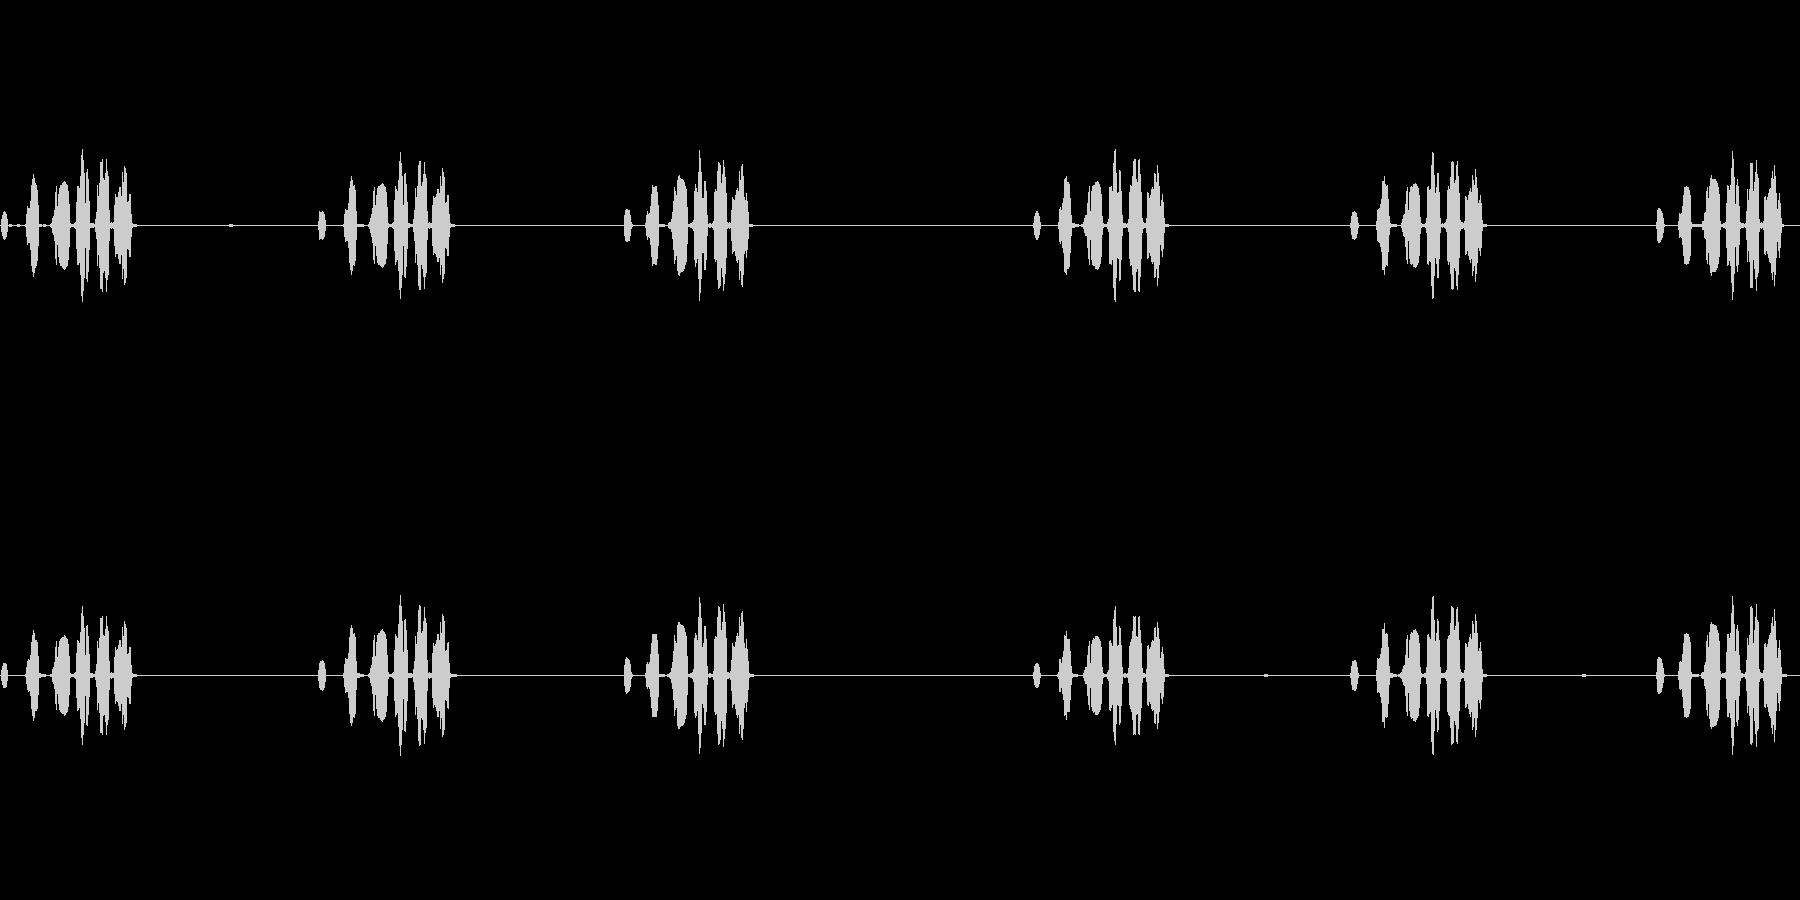 西部メドウラーク:一定の呼び出し、...の未再生の波形